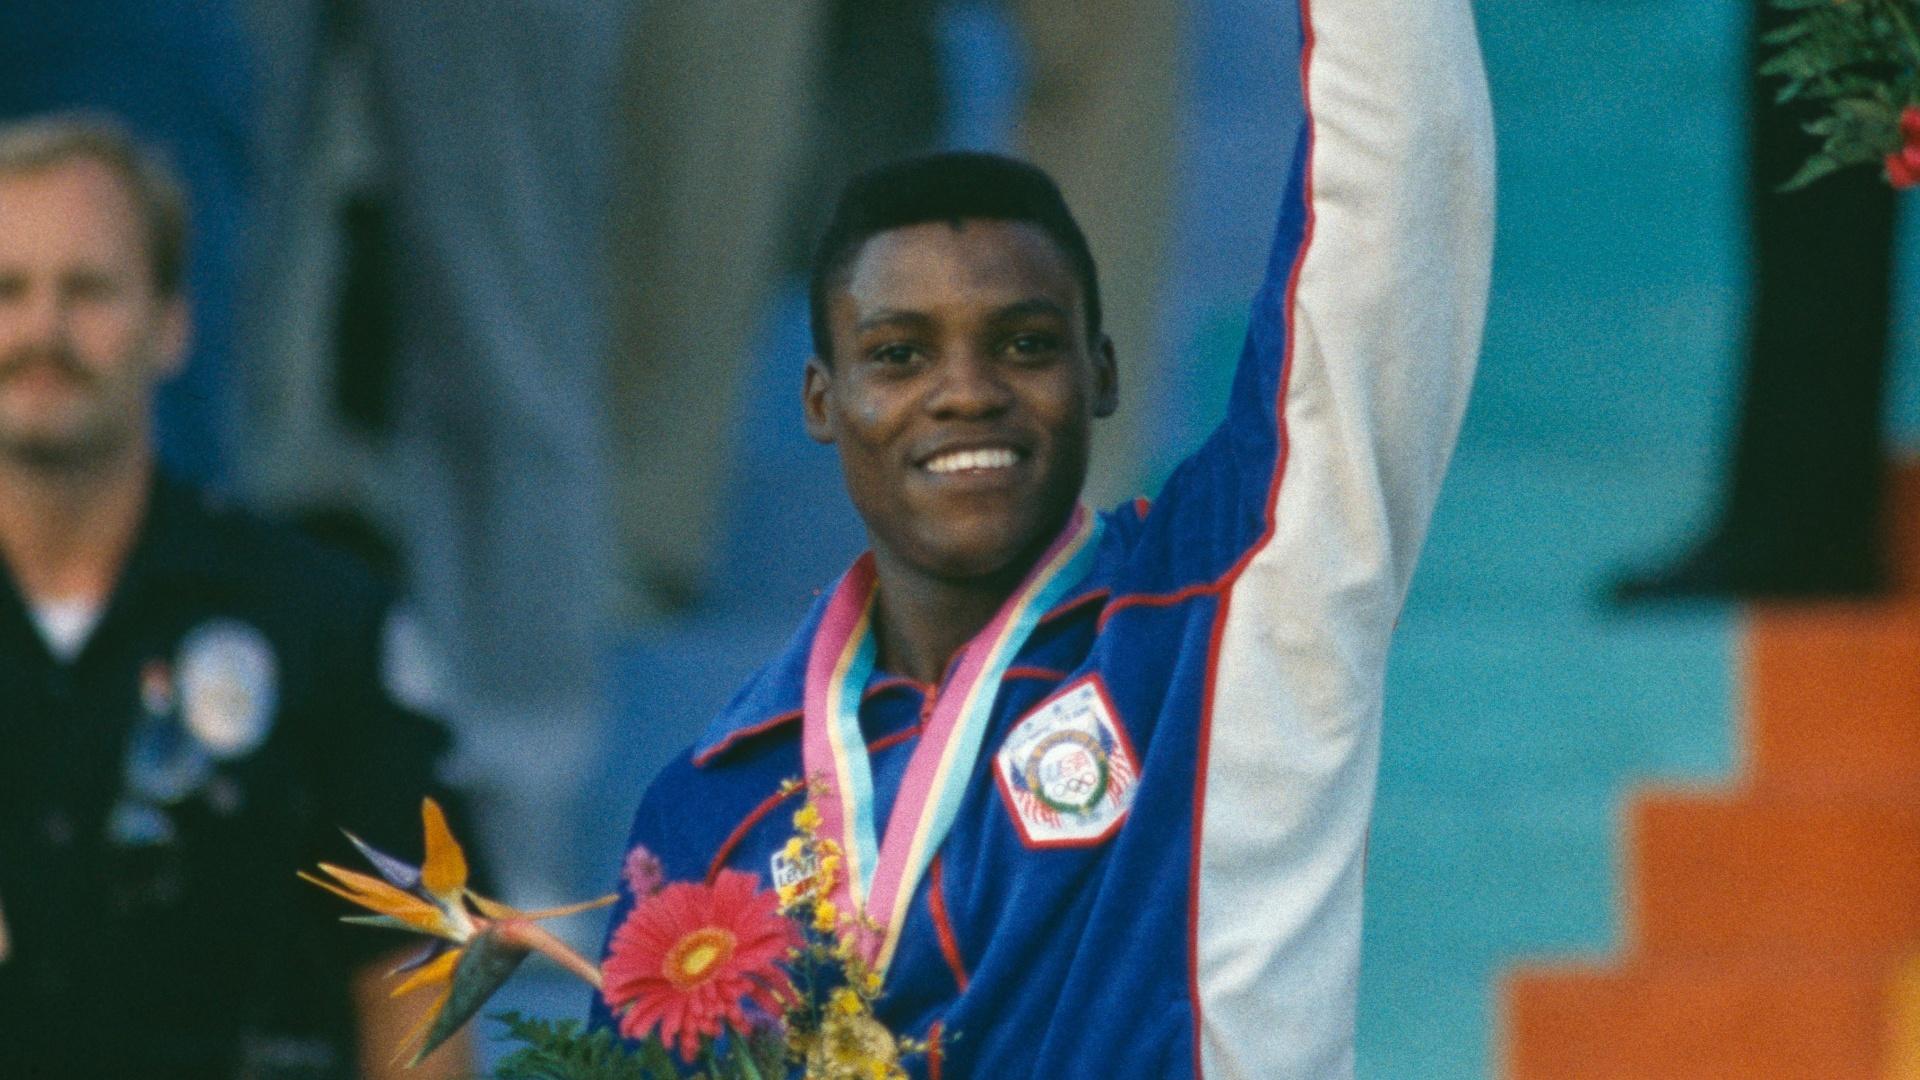 Carl Lewis comemora no pódio após receber uma de suas quatro medalhas de ouro nos Jogos Olímpicos de Los Angeles-1984